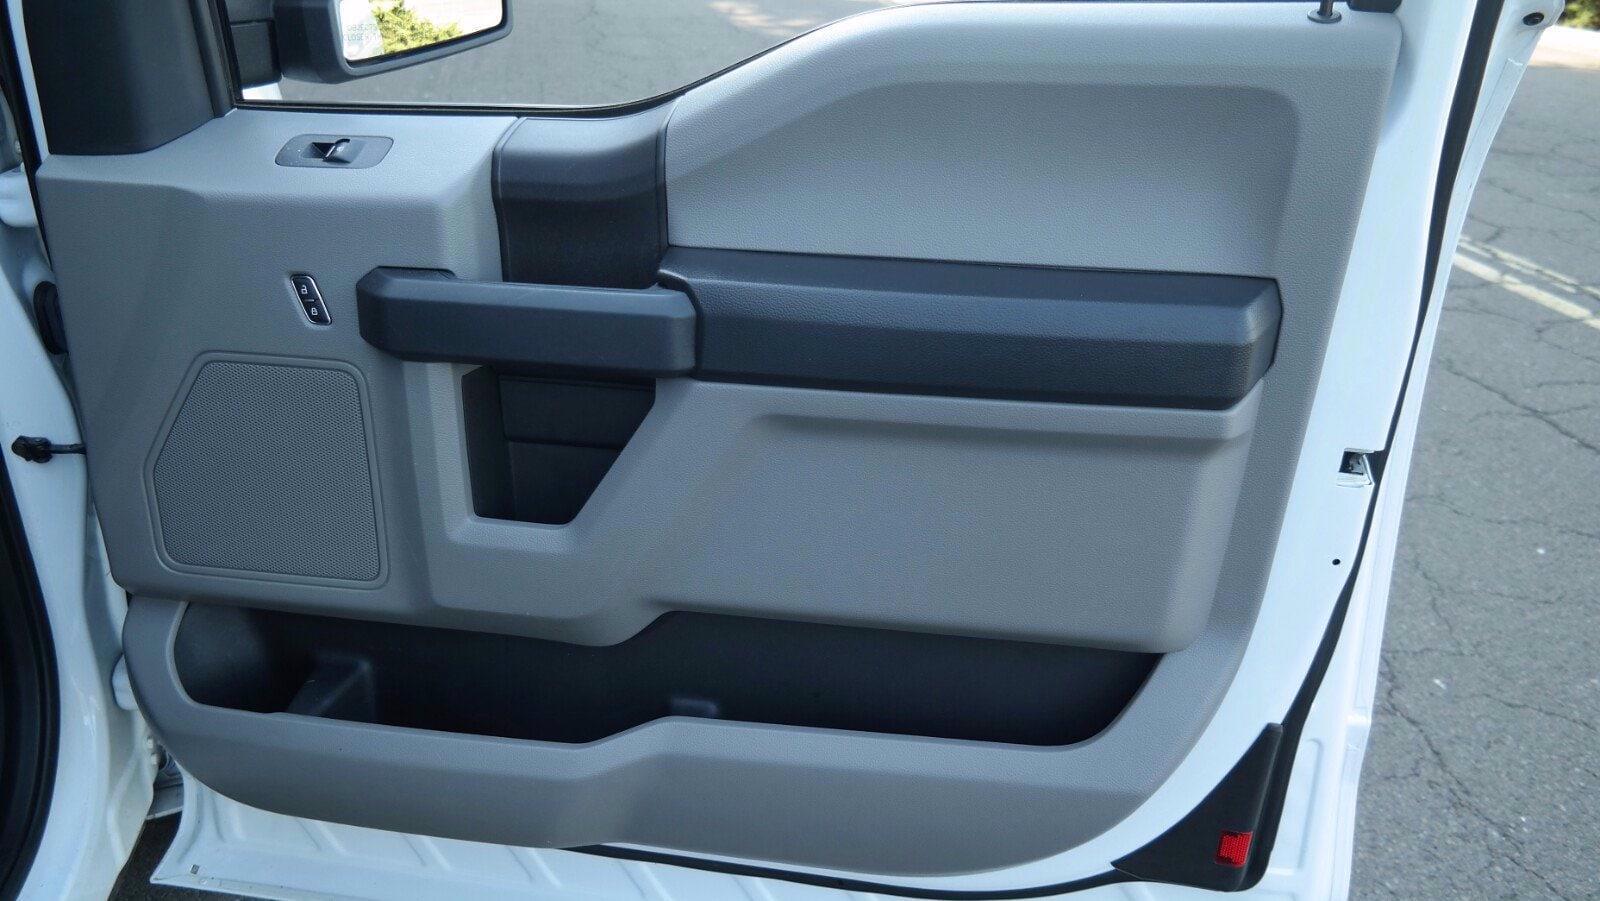 2018 Ford F-150 Super Cab 4x4, Pickup #FL1204J - photo 10